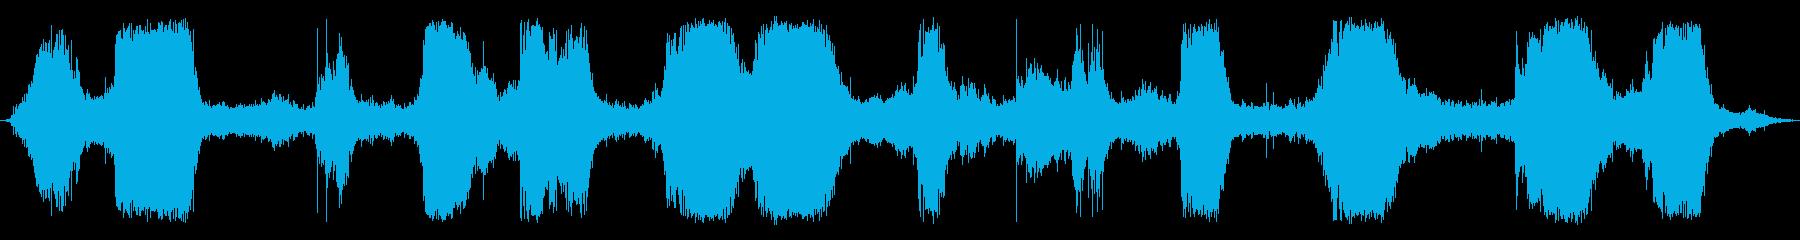 ザパーン(岩場の波の音)の再生済みの波形